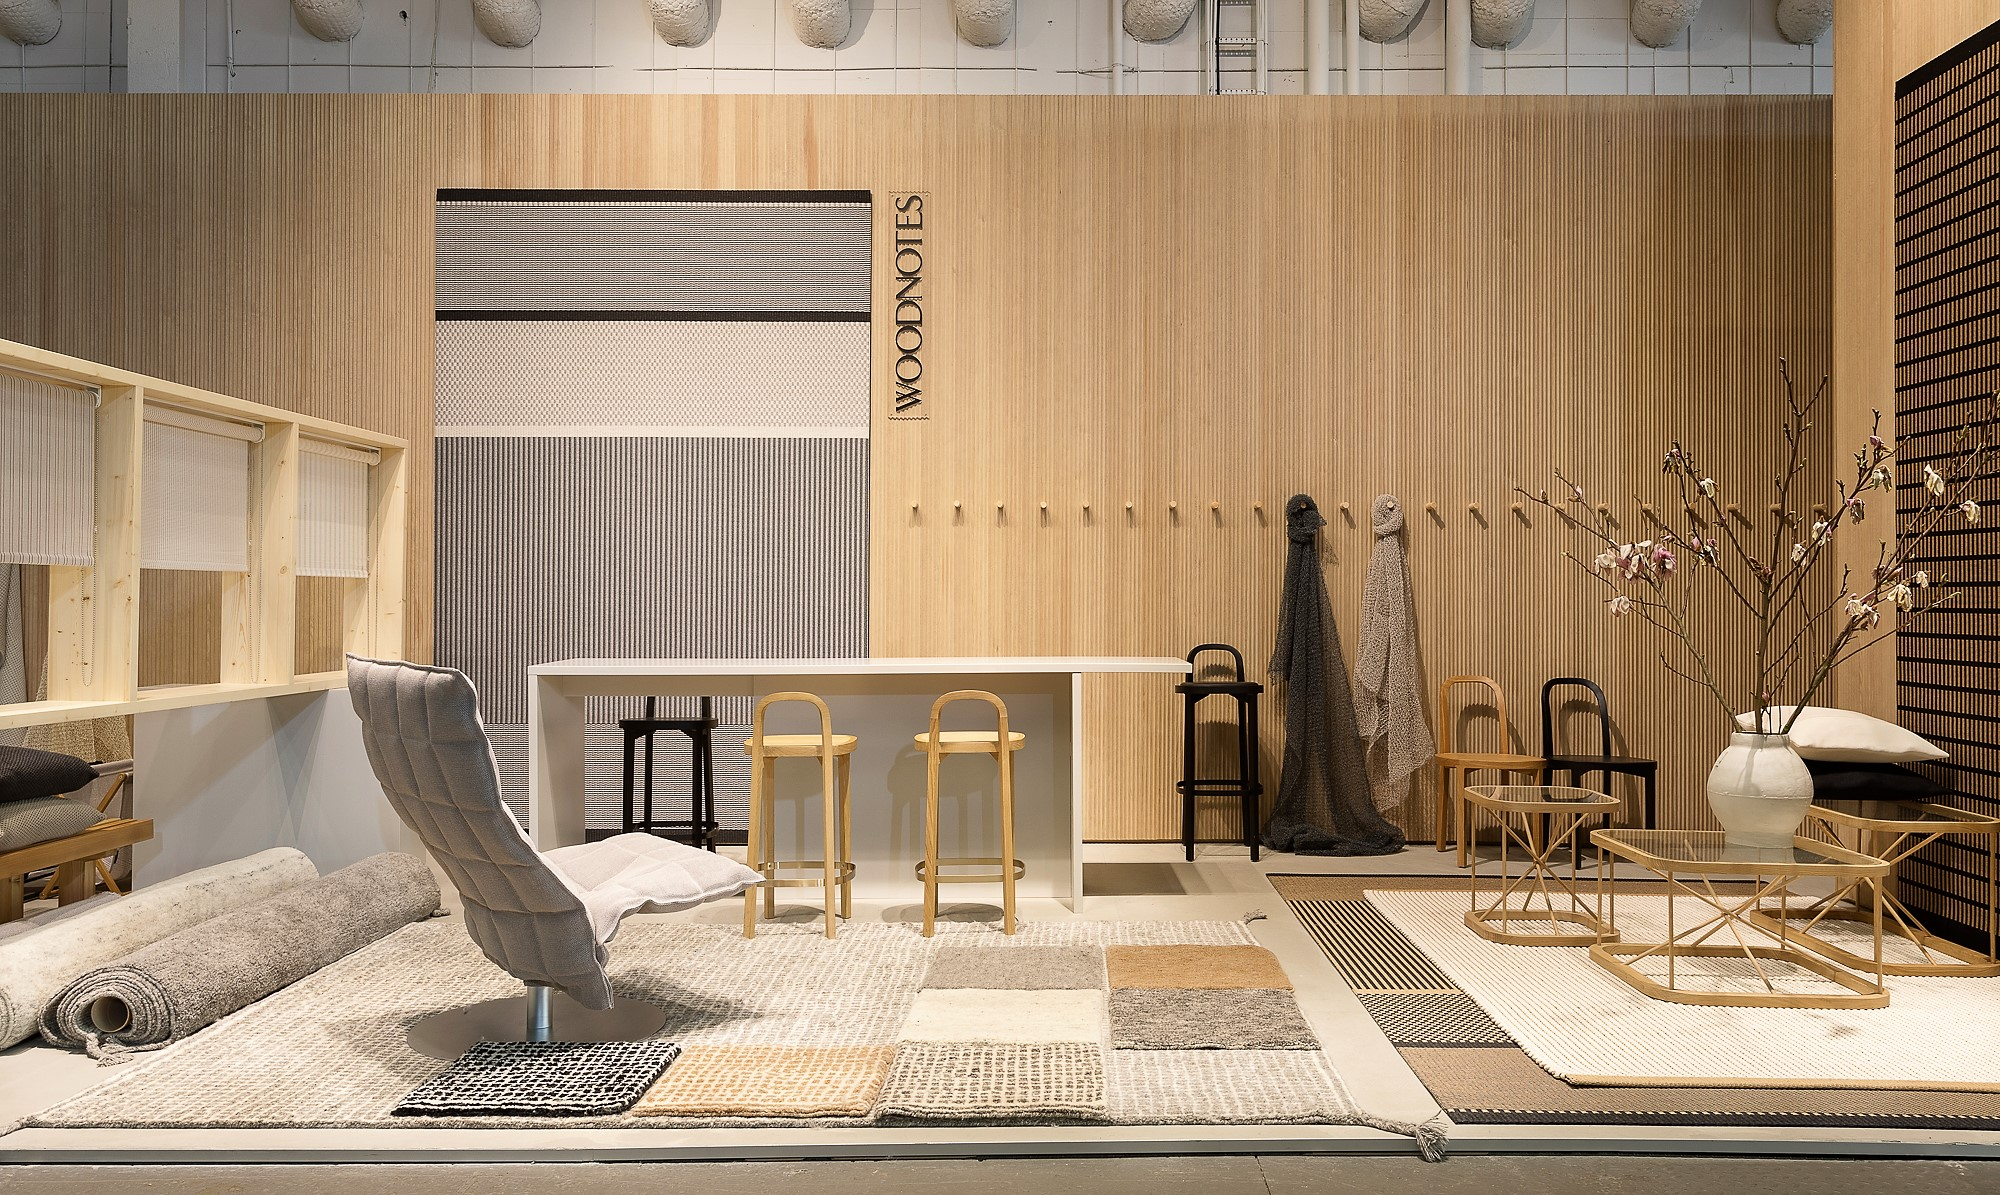 A view to the indoor section. There is four Grid and four Uni color options in our new wool carpet collection. /  Näkymä osastomme sisätilaosioon. Täällä olivat esillä mm. uutuus villamattojemme Grid ja Uni värivaihtoehdot.